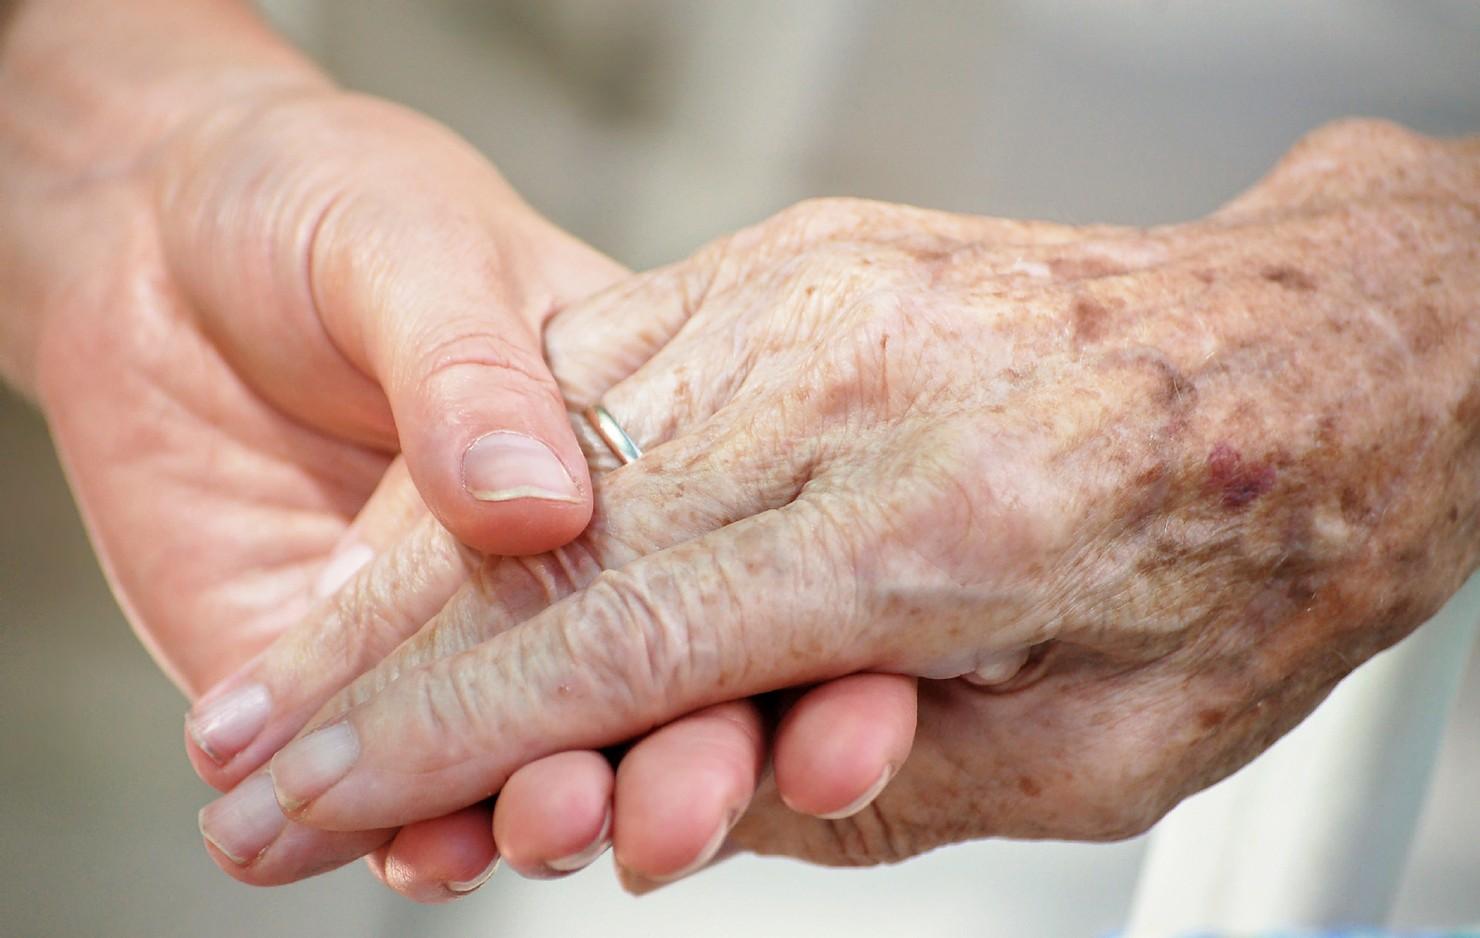 image of arthritic hands